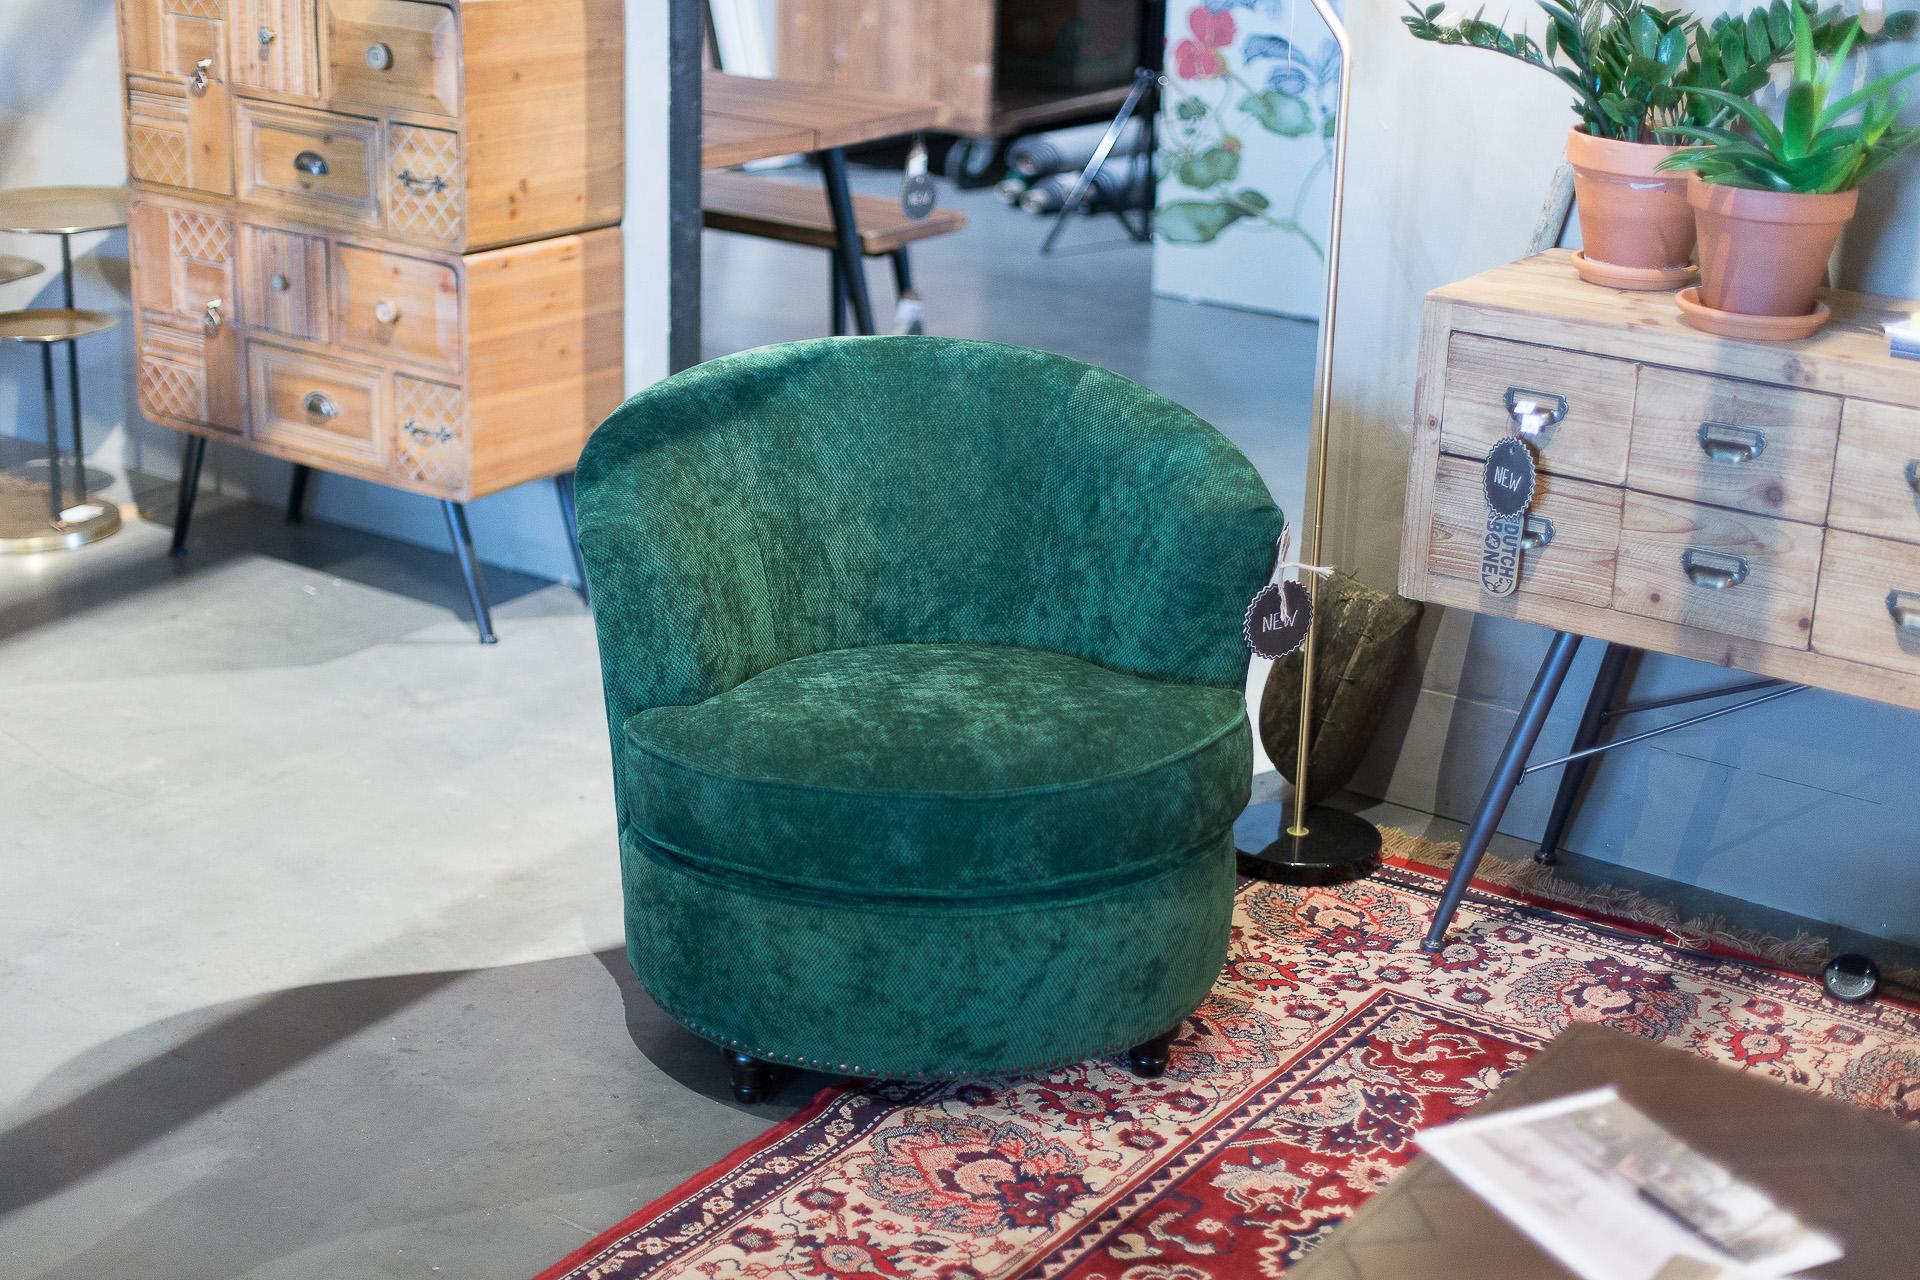 Inneneinrichtung Heidelberg, Mannheim, Stuttgart - Gaffga Interieur Design - Moebel von Zuiver, grüner Sessel